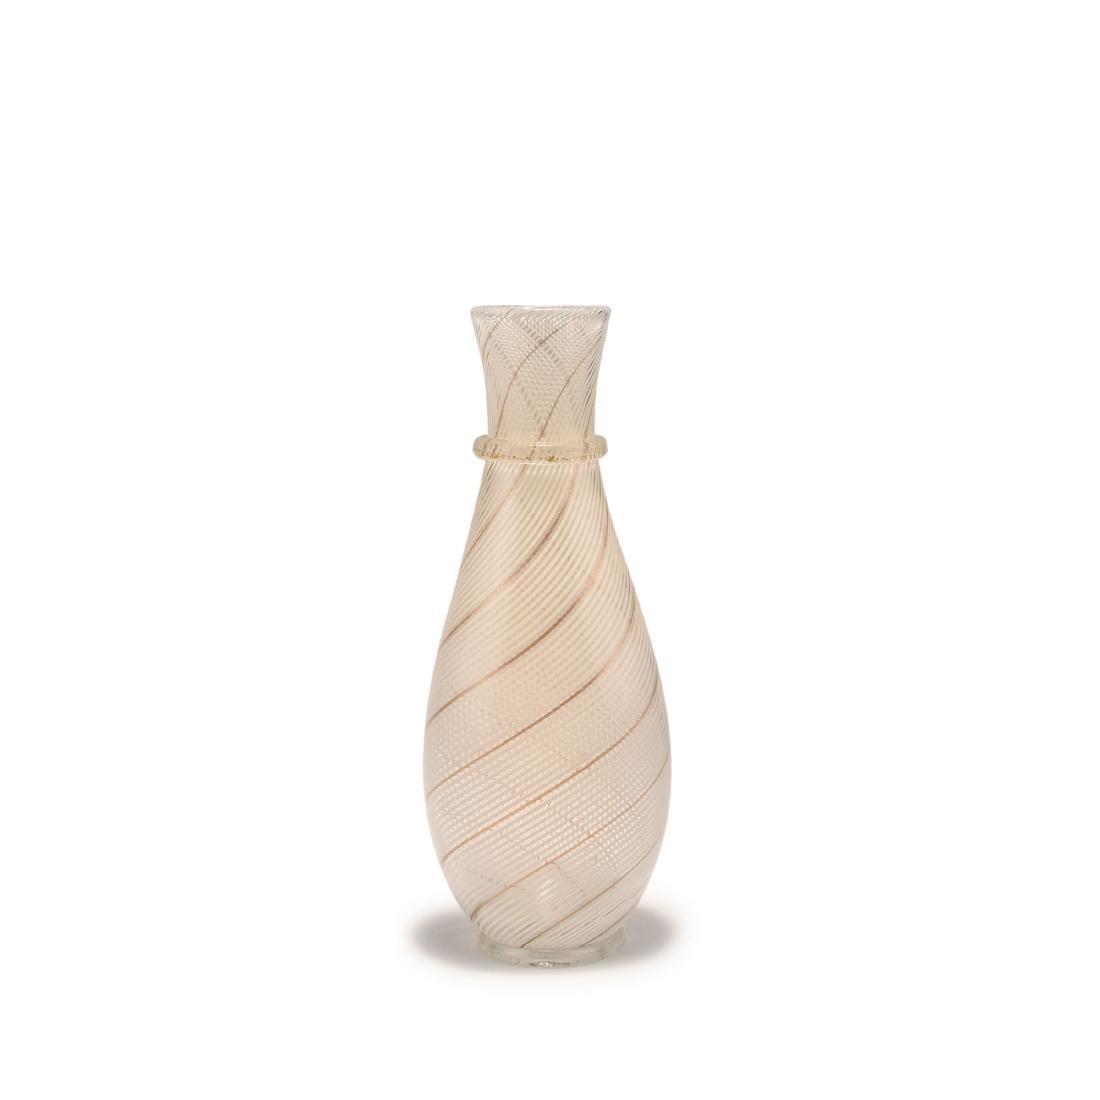 'Filigrana' vase, c1955